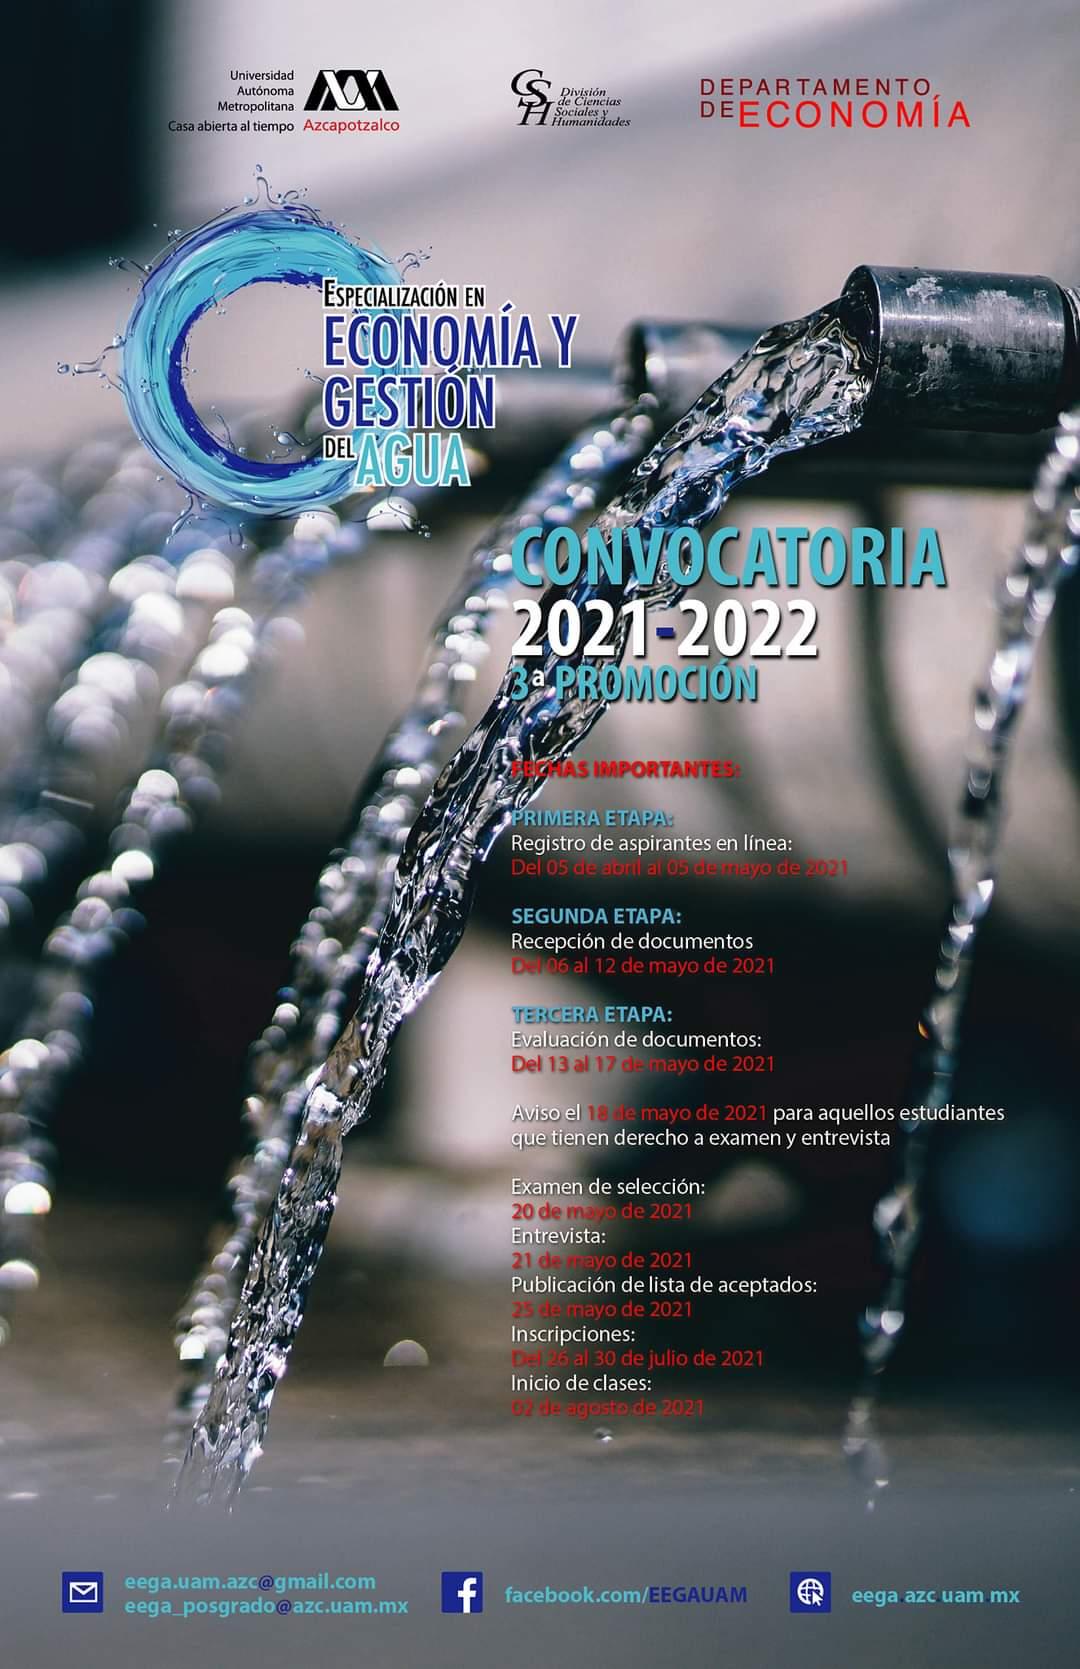 UAM Azcapotzalco Convocatoria Posgrado 2021: Especialización en Economía y Gestión del Agua